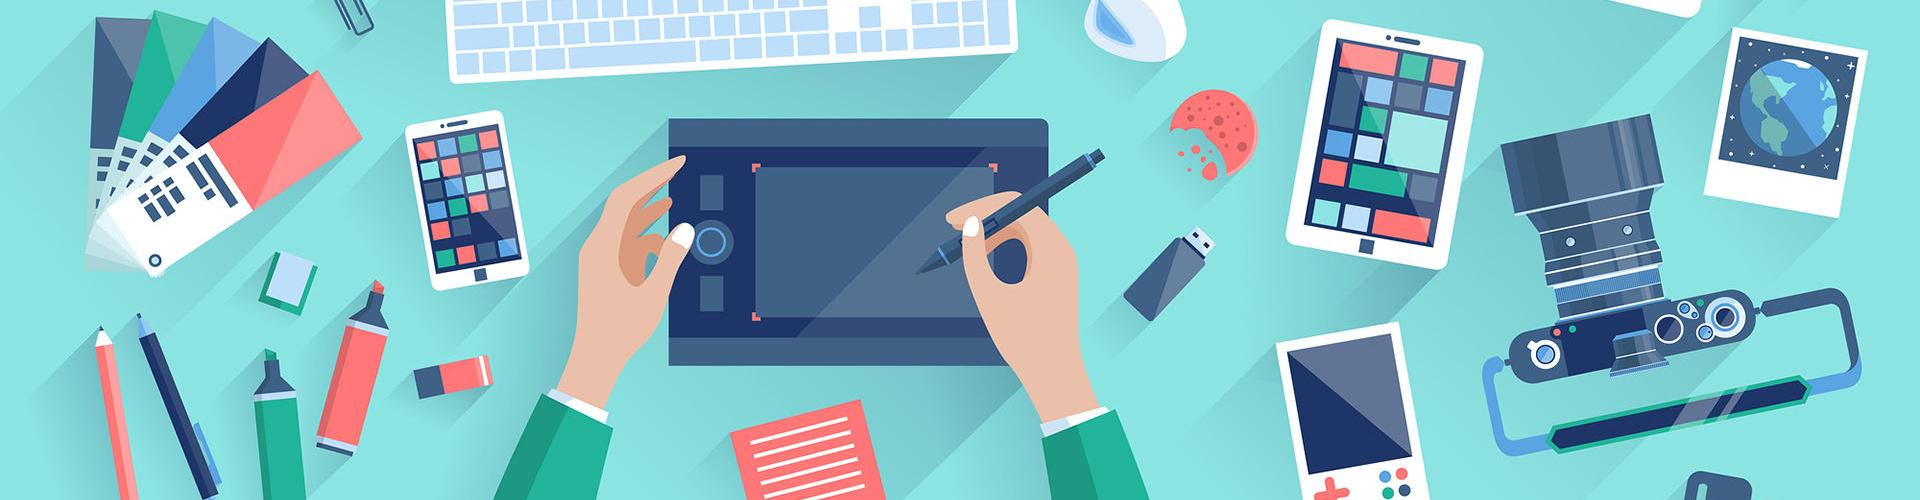 وبینار طراحی و پیاده سازی وب سایت